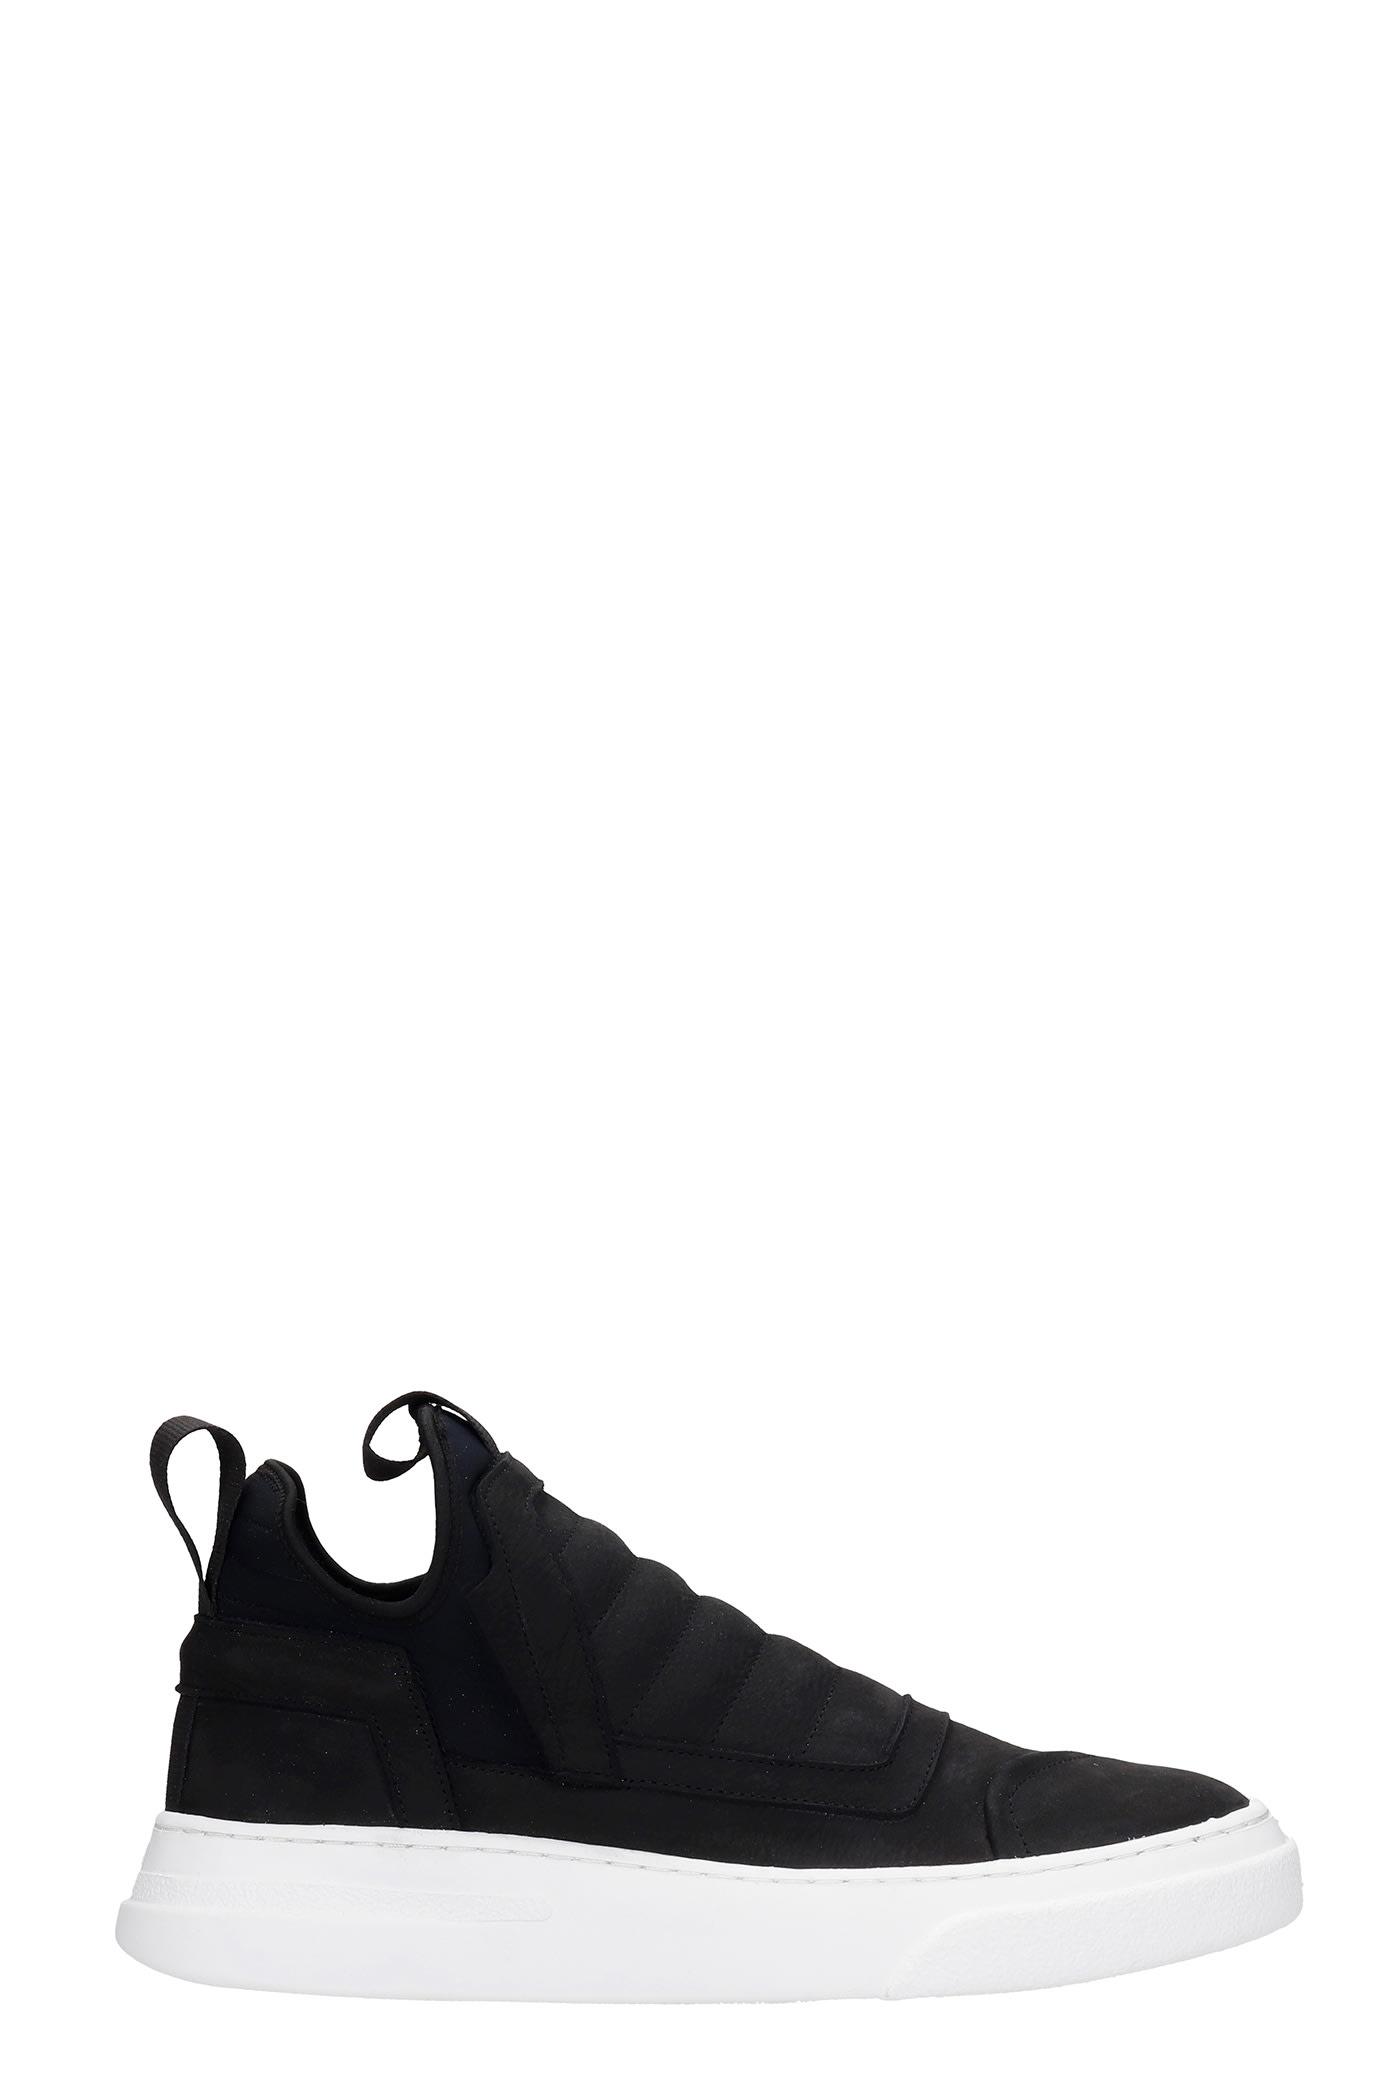 Damper Sneakers In Black Nubuck